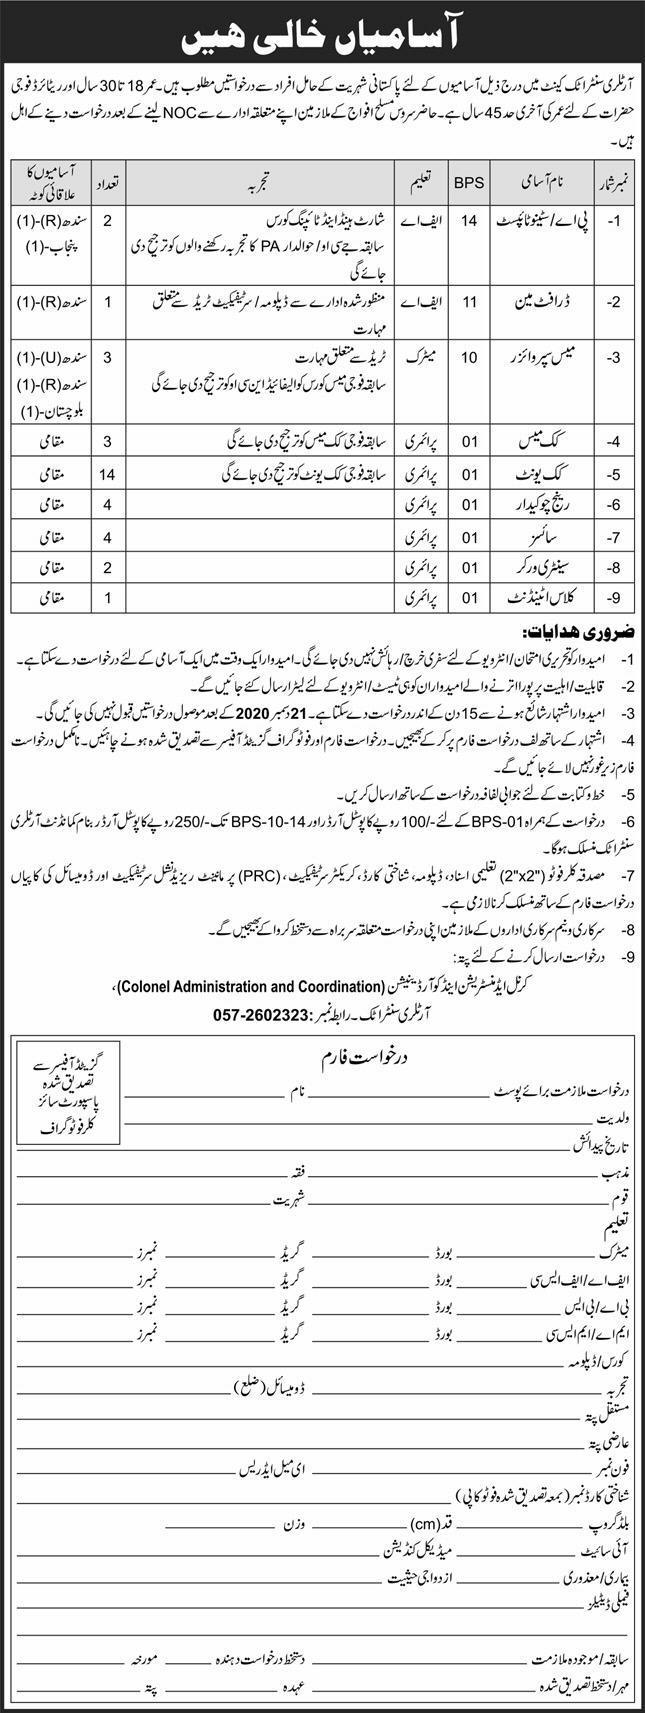 Pakistan Army Artillery Center Attock Cantt Jobs 2020